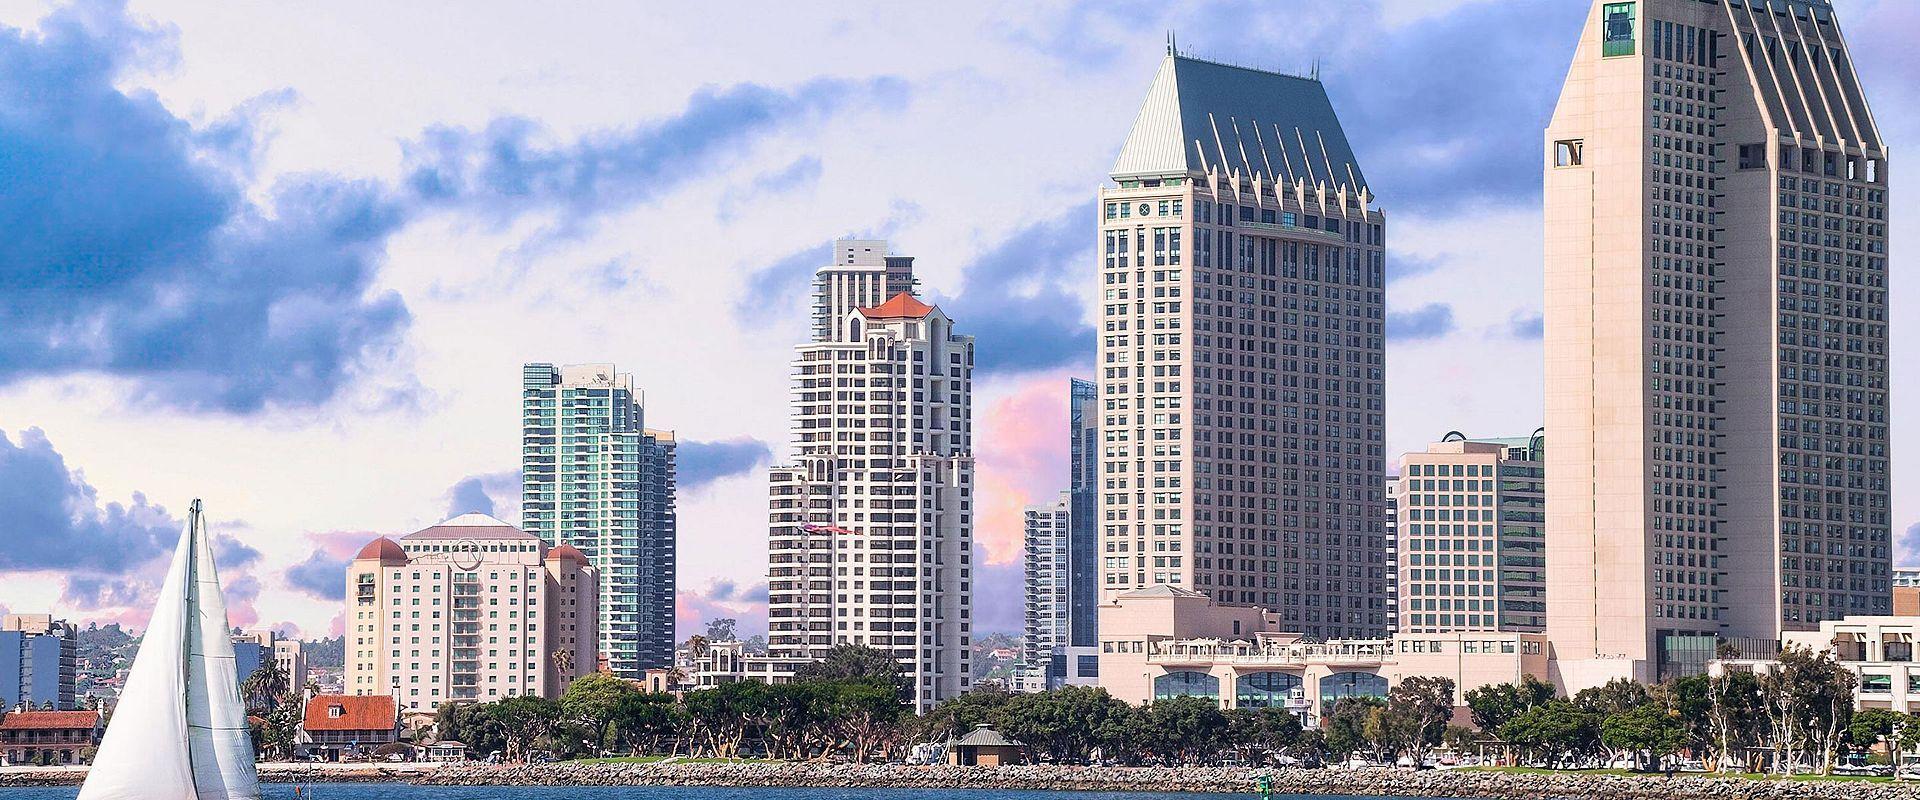 パナマ運河クルーズ(西行) 15泊16日